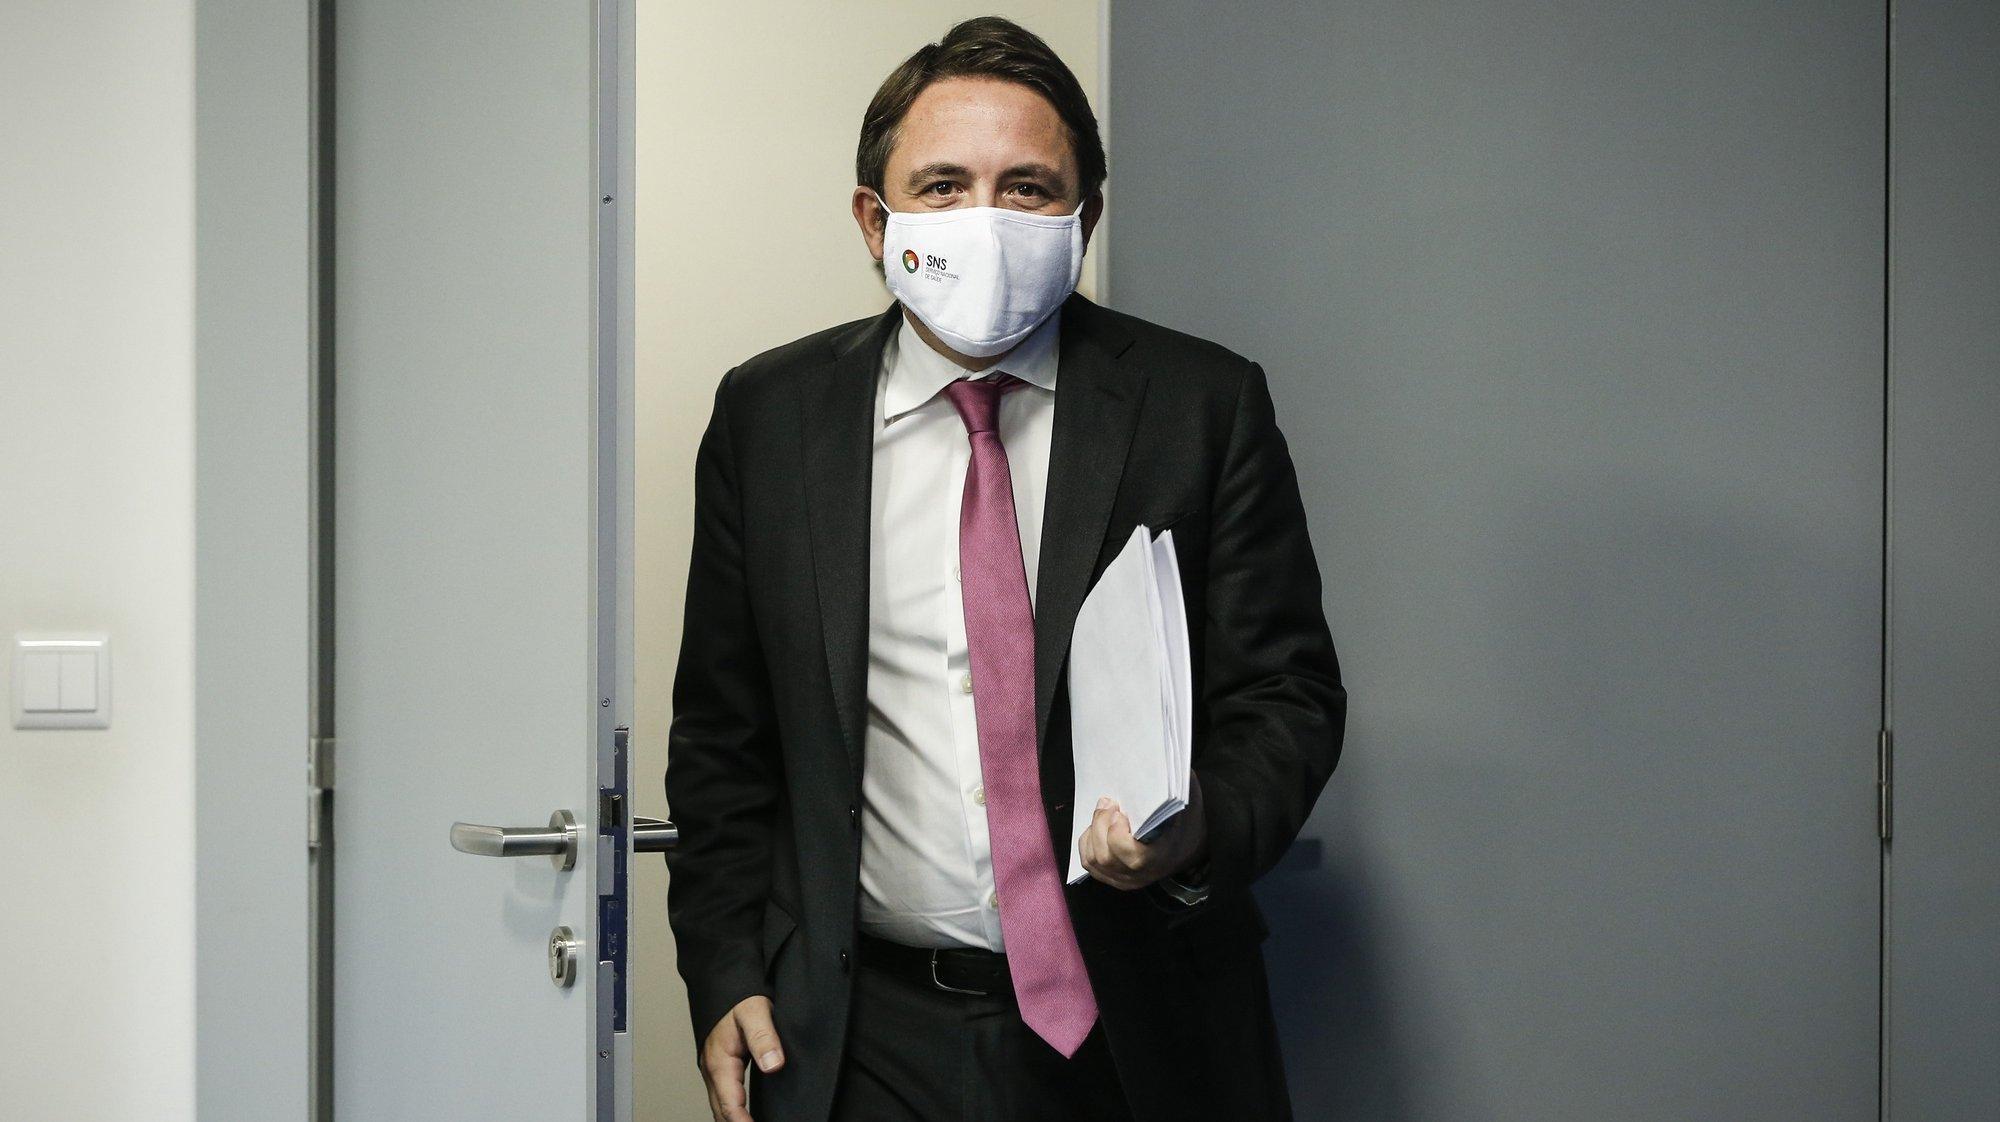 O secretário de Estado da Saúde, Diogo Serras Lopes, intervém durante a conferência de imprensa diária sobre o novo coronavírus (covid-19), realizada no Ministério da Saúde, em Lisboa, 30 de outubro de 2020. Em Portugal, registaram-se 2.468 mortes e 137.272 infeções confirmadas, segundo o balanço feito hoje pela Direção-Geral da Saúde (DGS). RODRIGO ANTUNES/POOL/LUSA